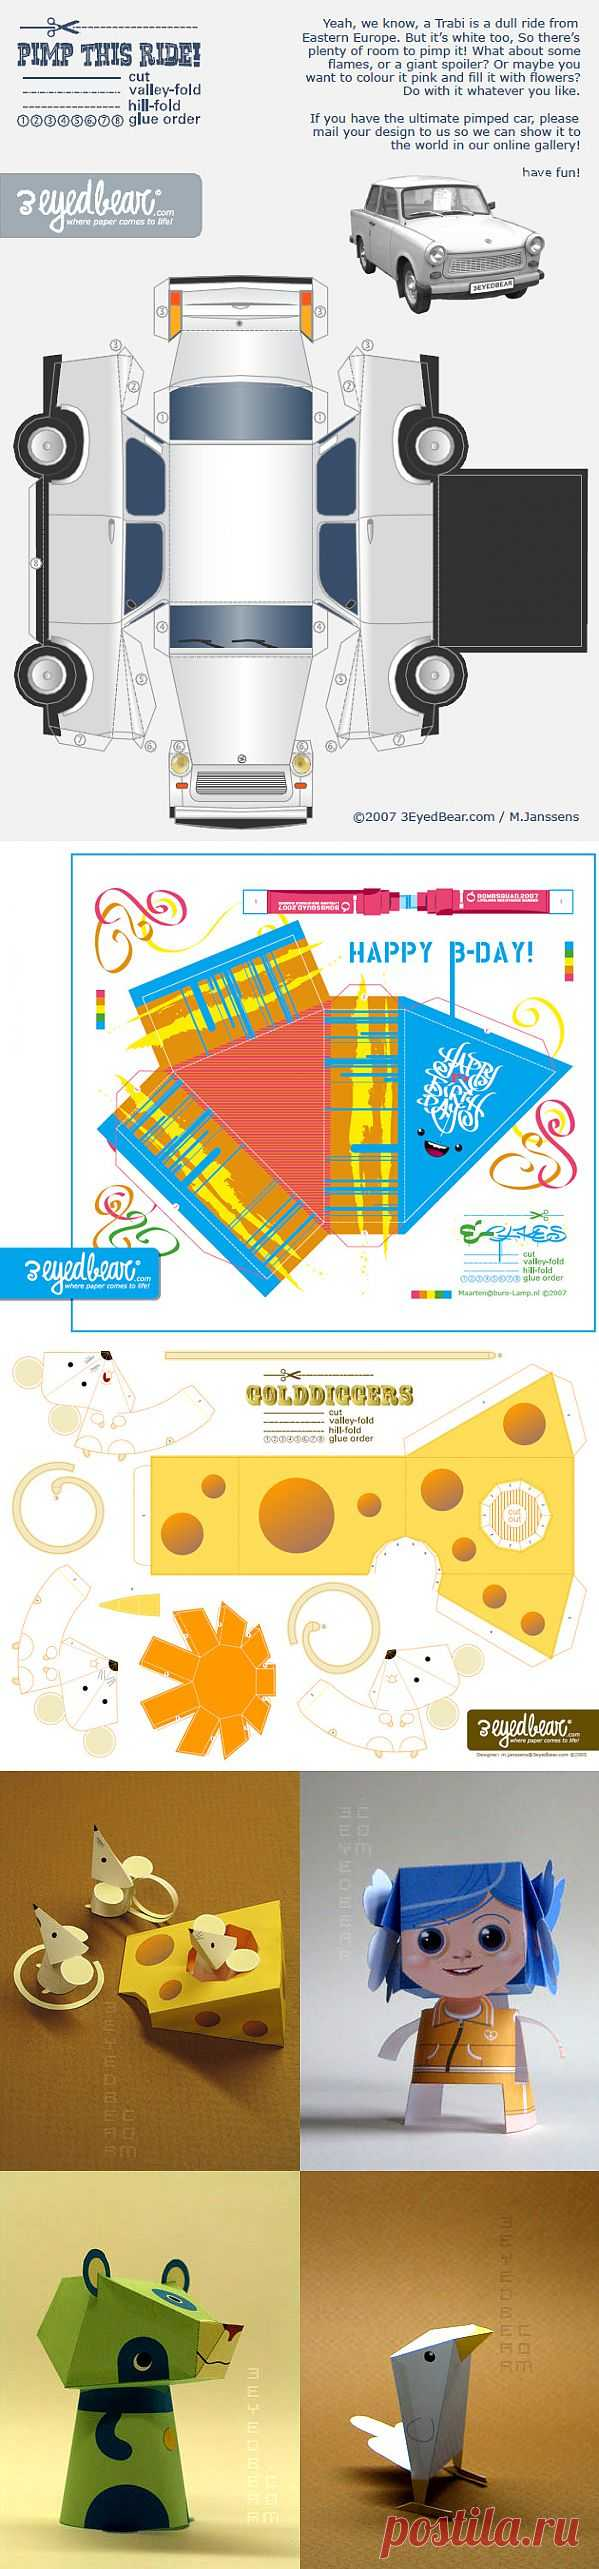 Haz, baja y desella, los consejos de la costura de Trendario: los objetos de fabricación casera De papel 3eyedbear